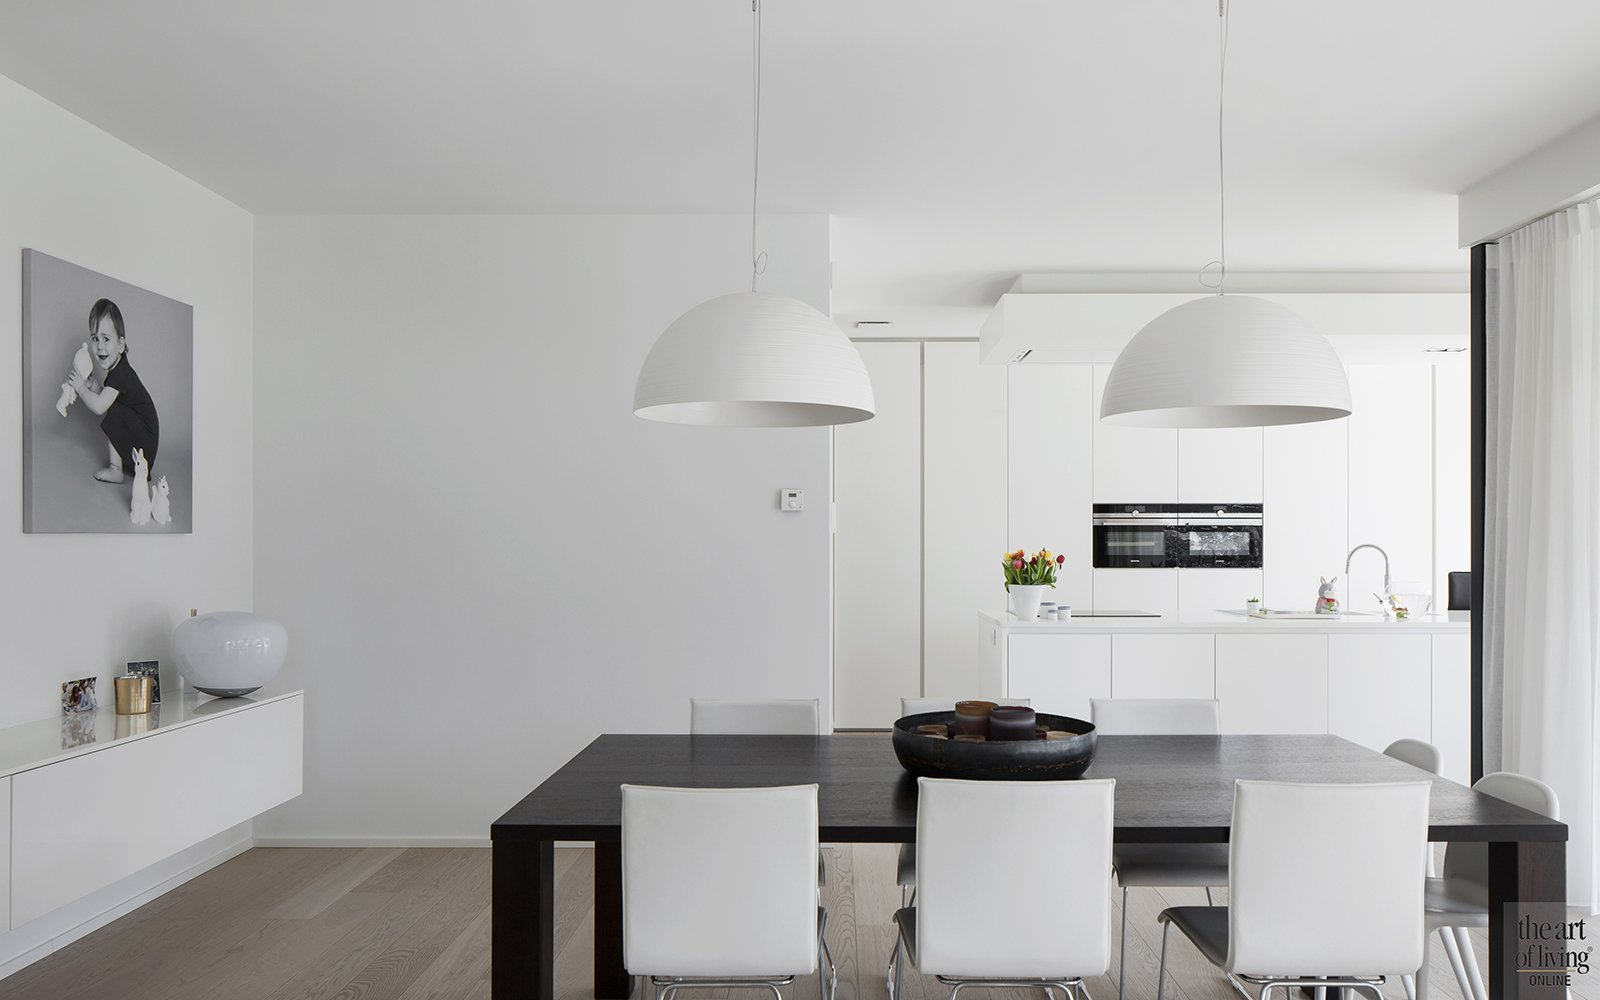 Architectenburo Berkein, keuken, open haard, strak, modern, hedendaags, exclusief, The Art of Living Online